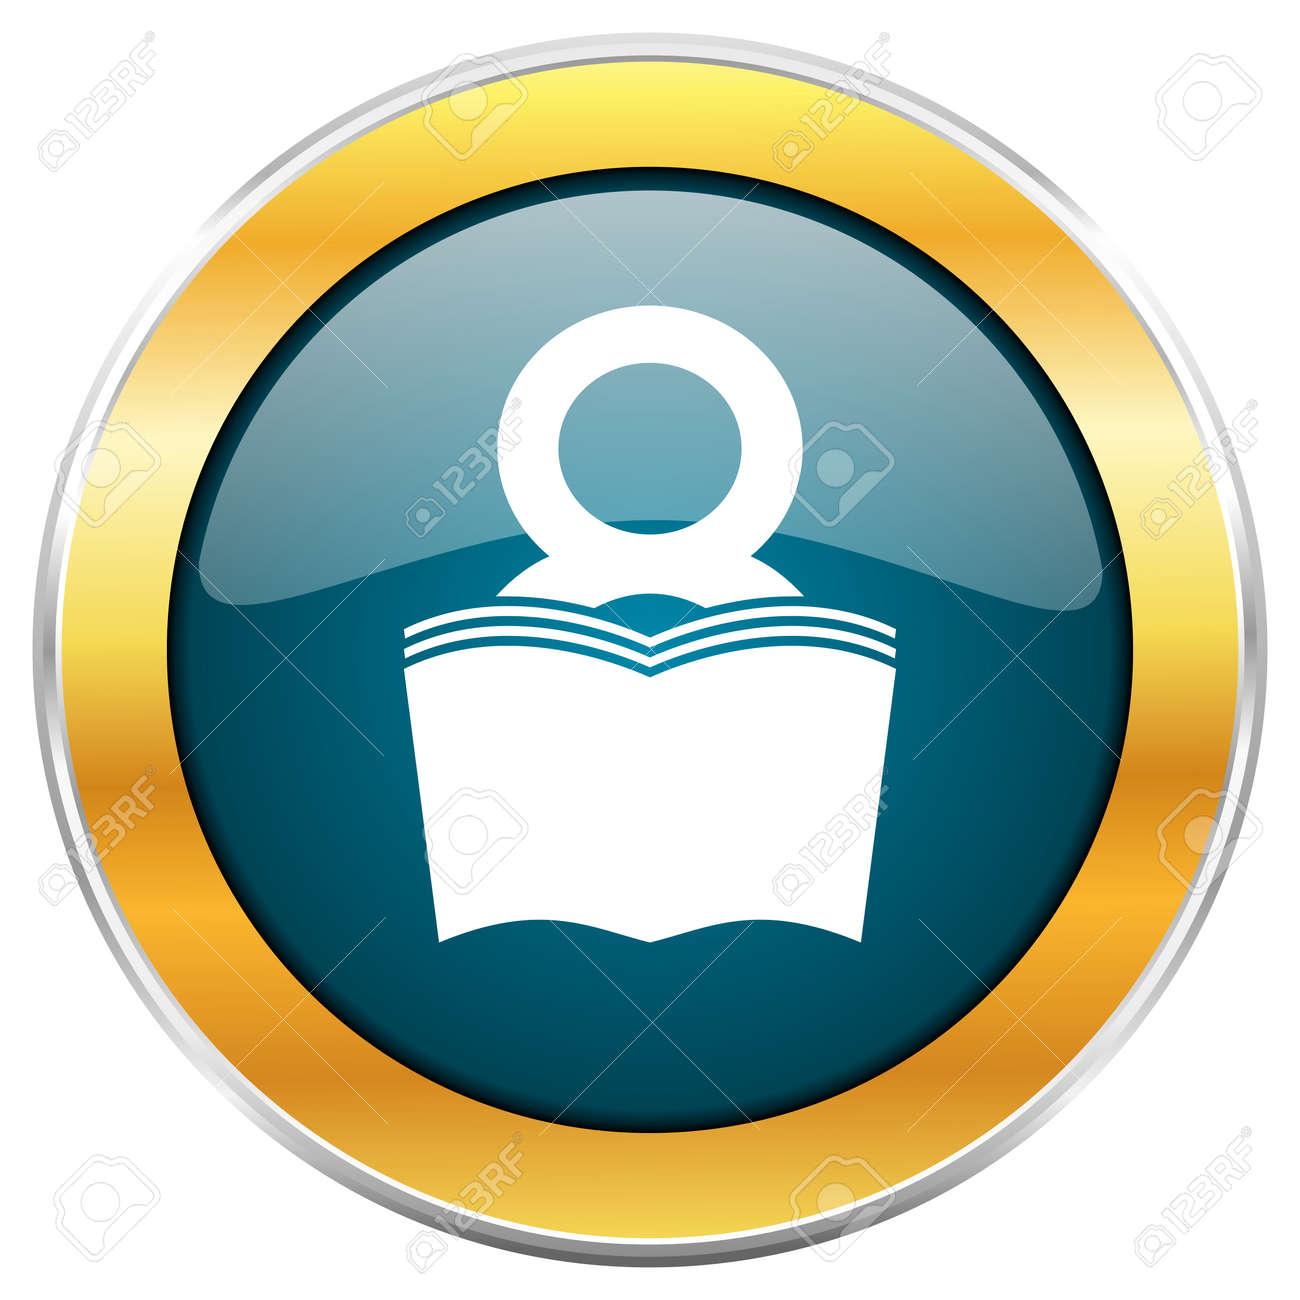 Livre Bleu Brillant Icone Ronde Avec Bordure Metallique Chromee Doree Isole Sur Fond Blanc Pour Les Concepteurs De Sites Web Et Mobiles